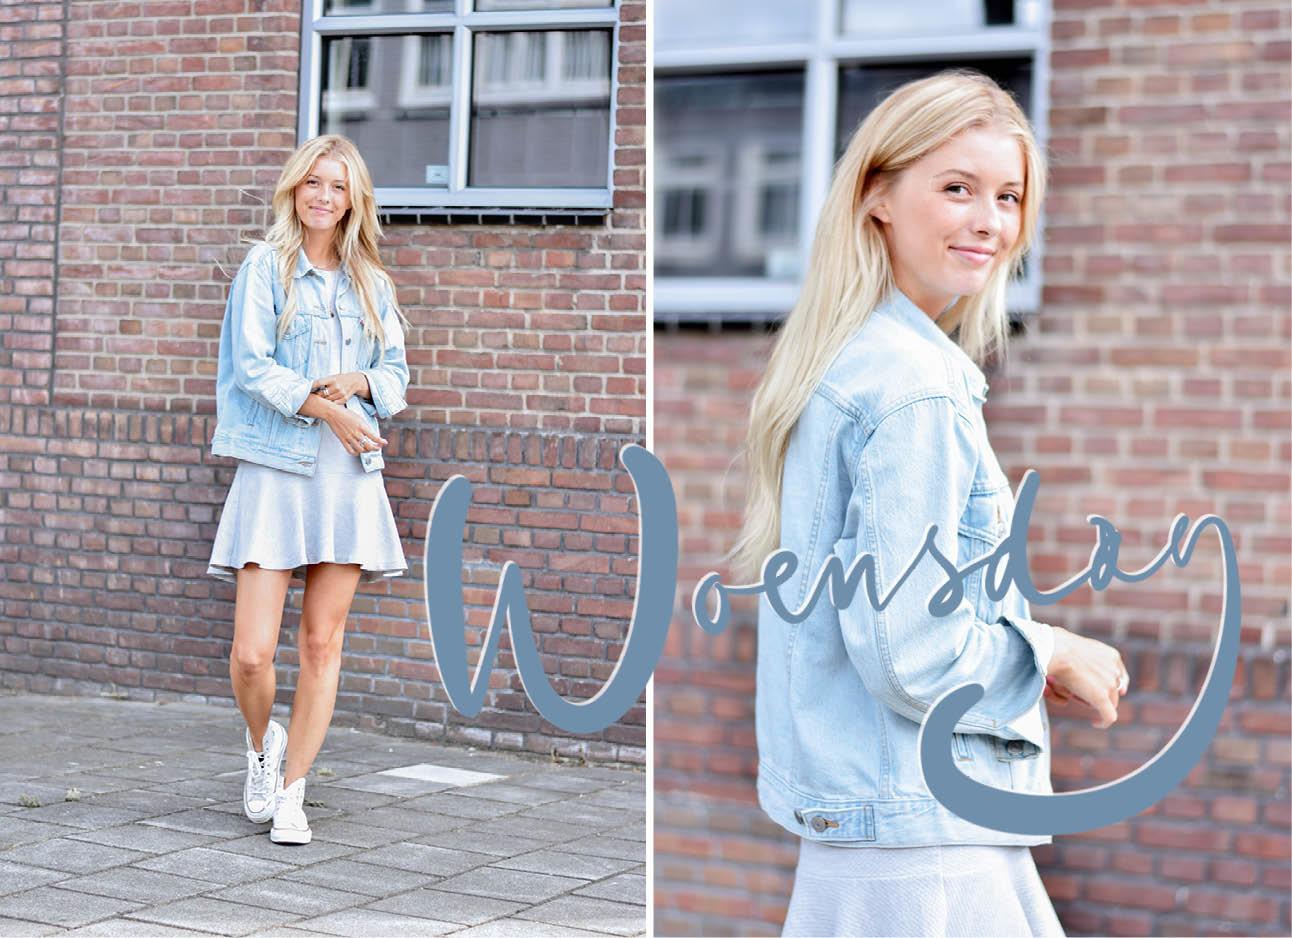 Meisje met spijkerjasje aan en een grijs jurkje. Voor een bakstenen muur met 1 groot raam. Ze draagt witte converse sneakers